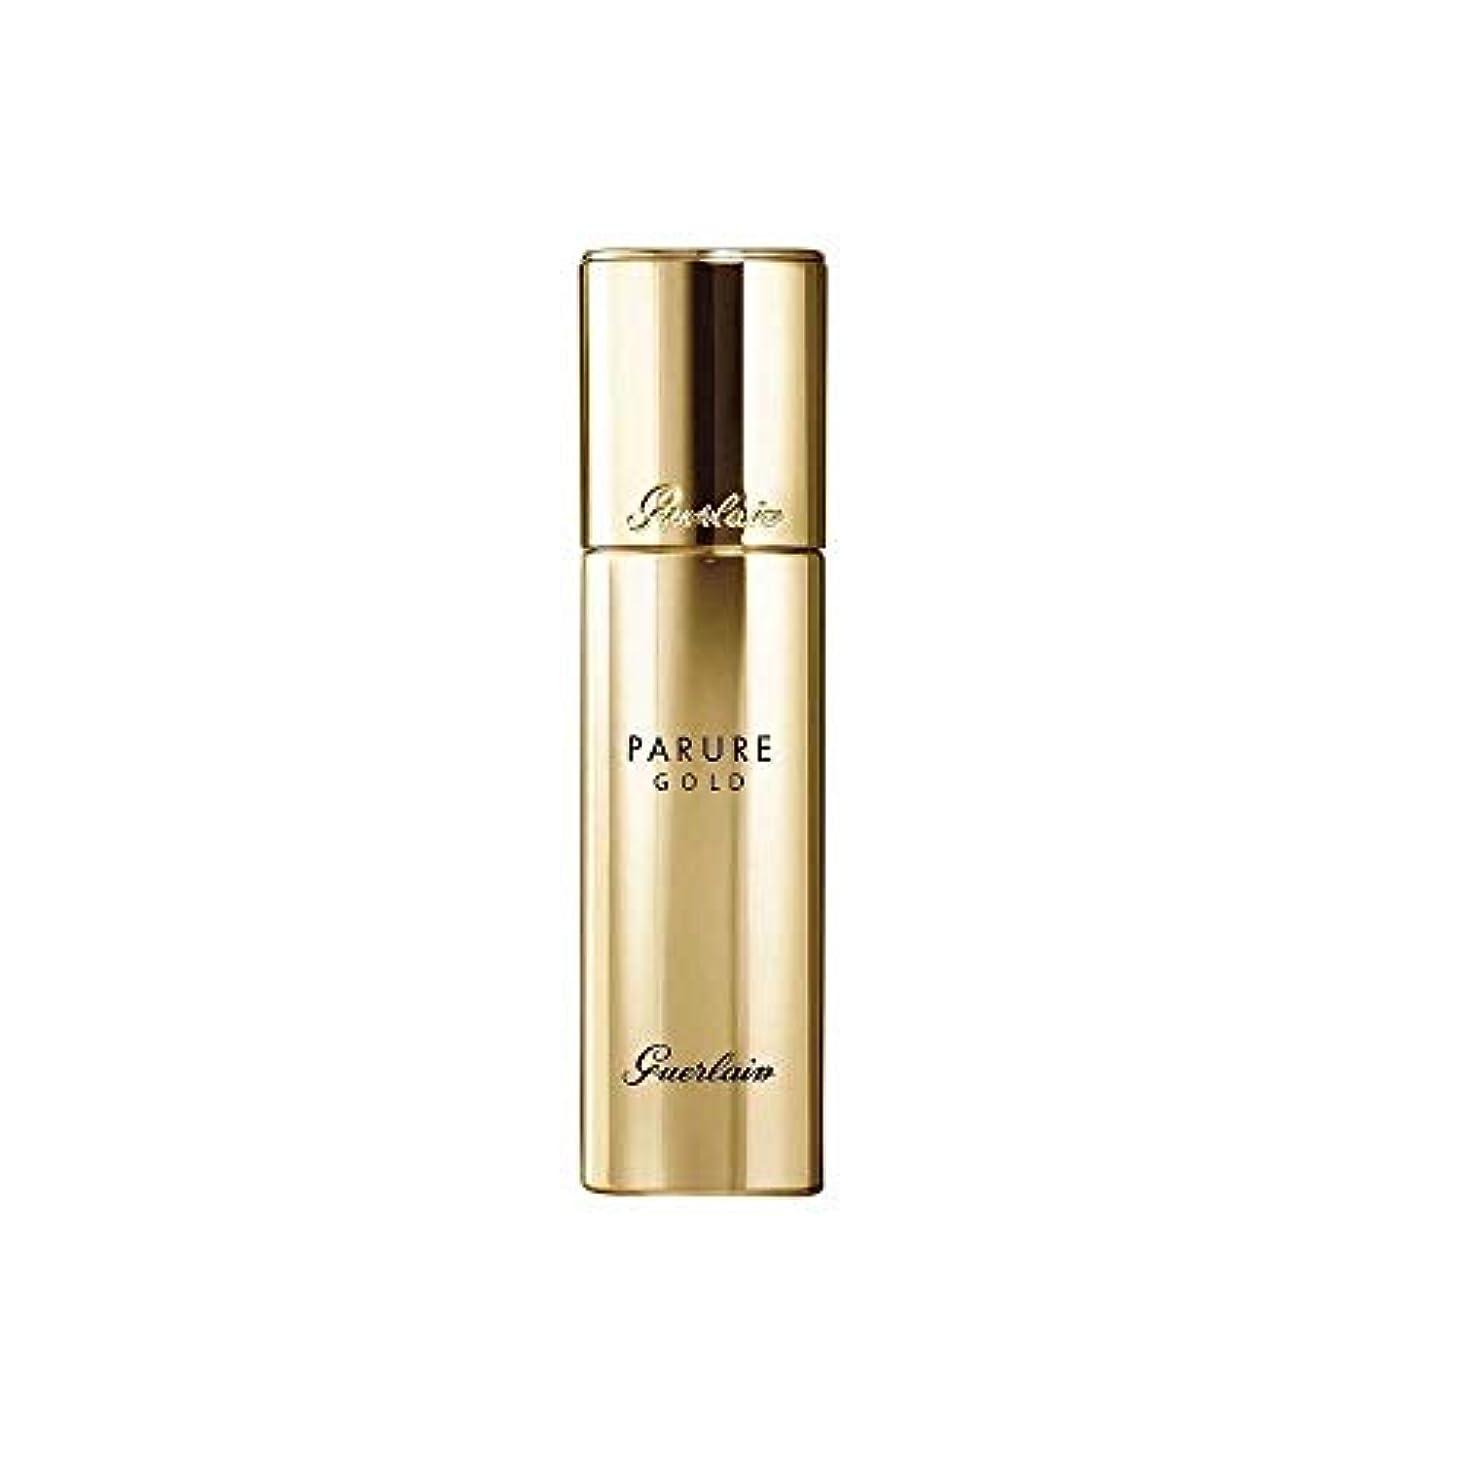 暗い締める関連するゲラン Parure Gold Rejuvenating Gold Radiance Foundation SPF 30 - # 05 Dark Beige 30ml/1oz並行輸入品